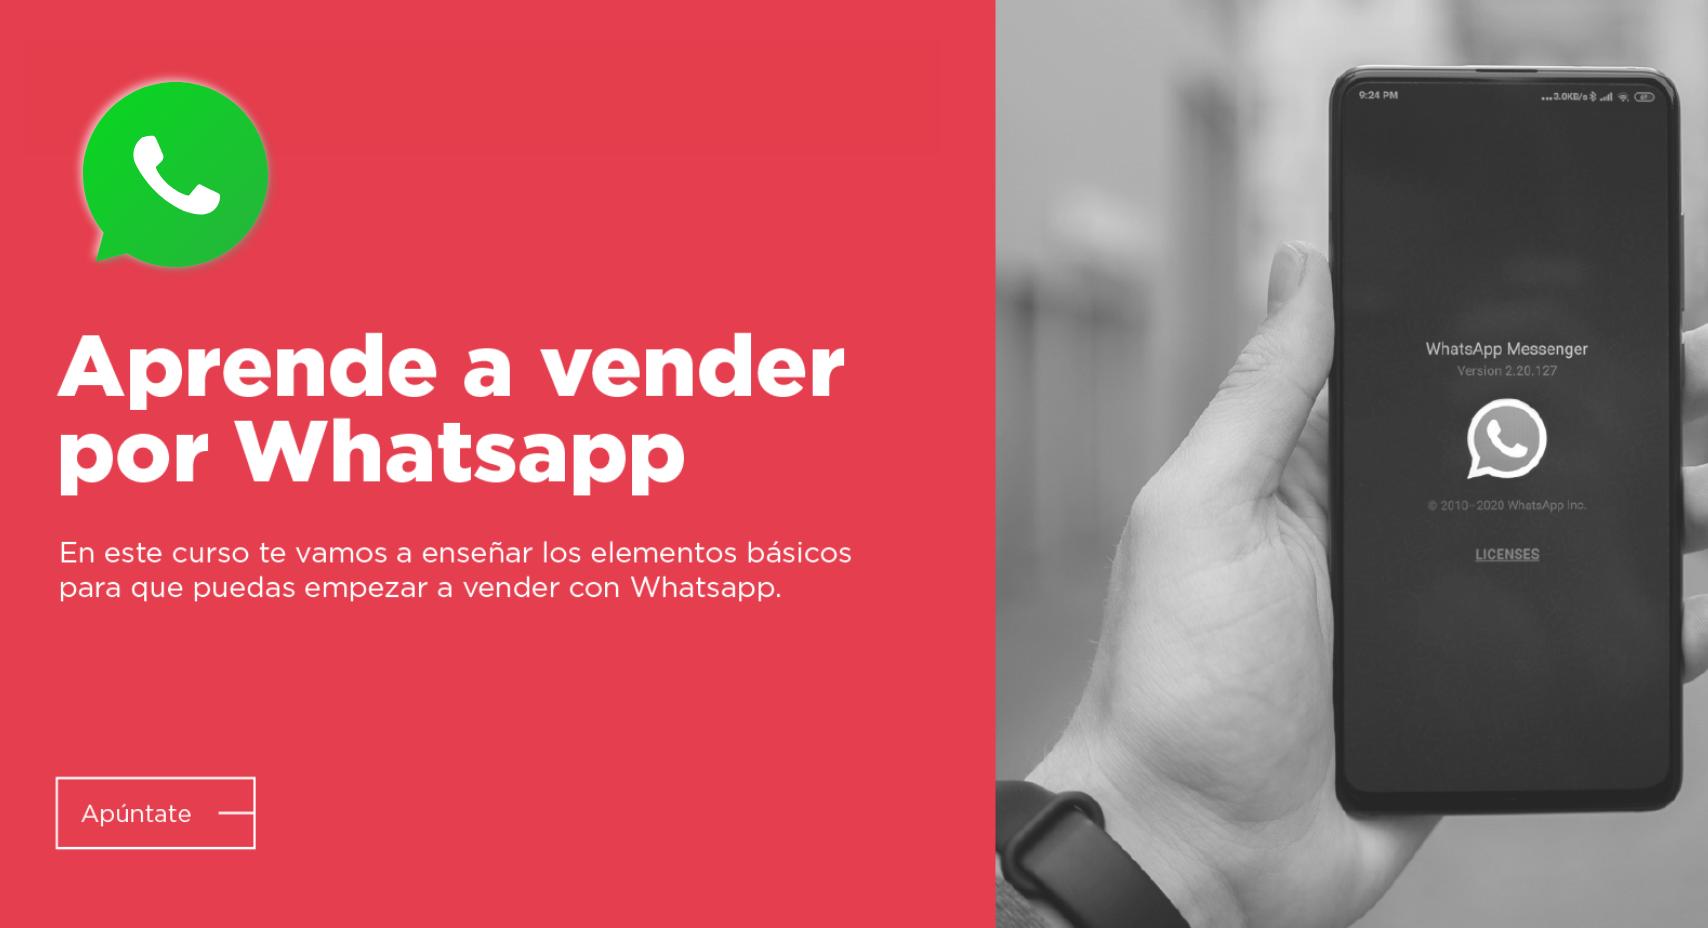 Vender con WhatsApp – Una solución para muchas empresas y autónomos